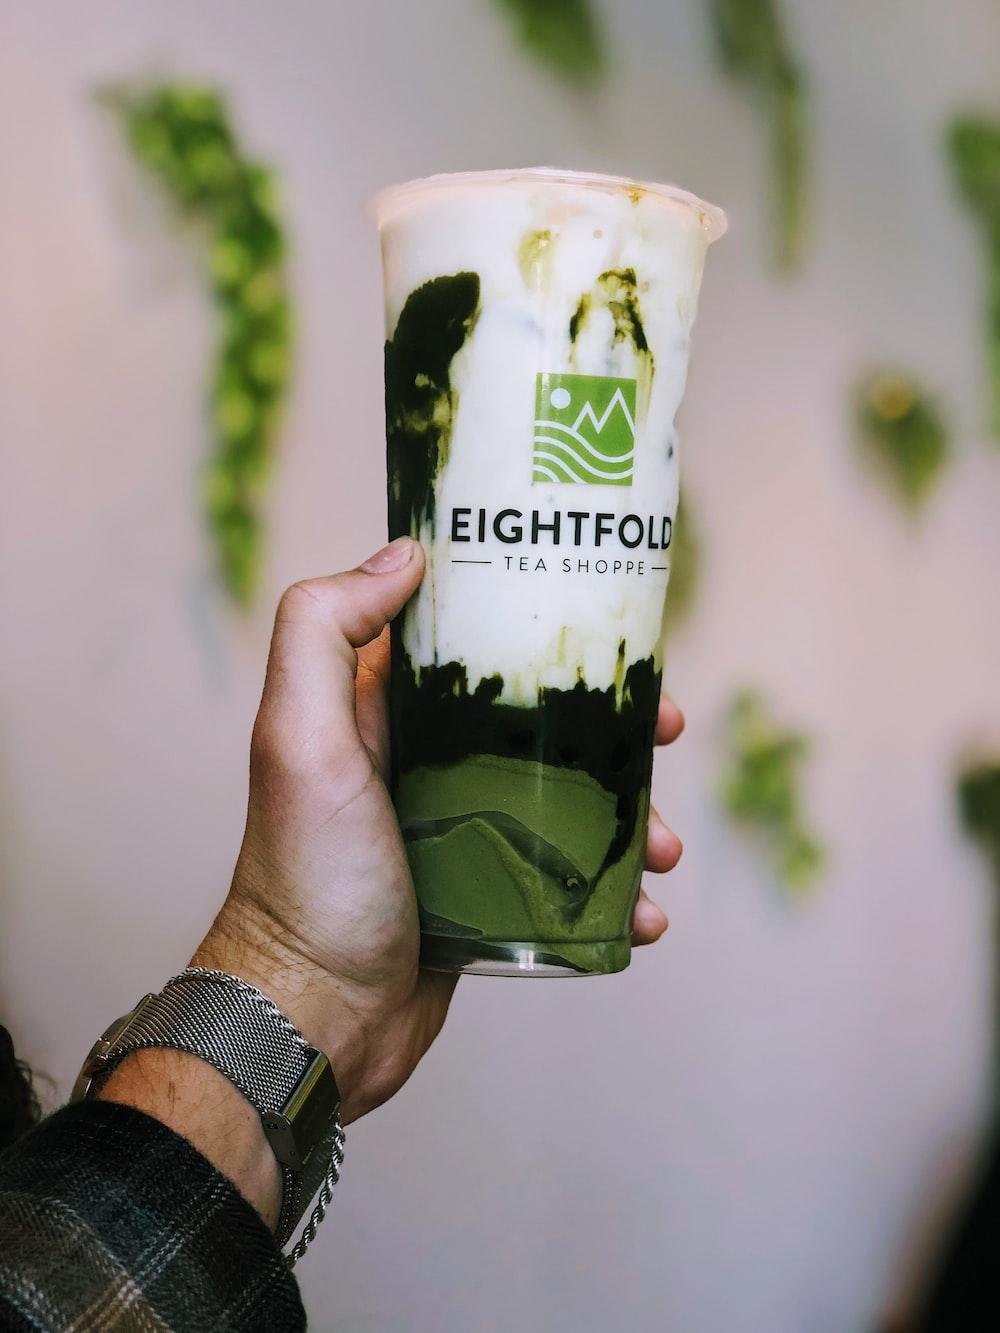 Eightfold milktea